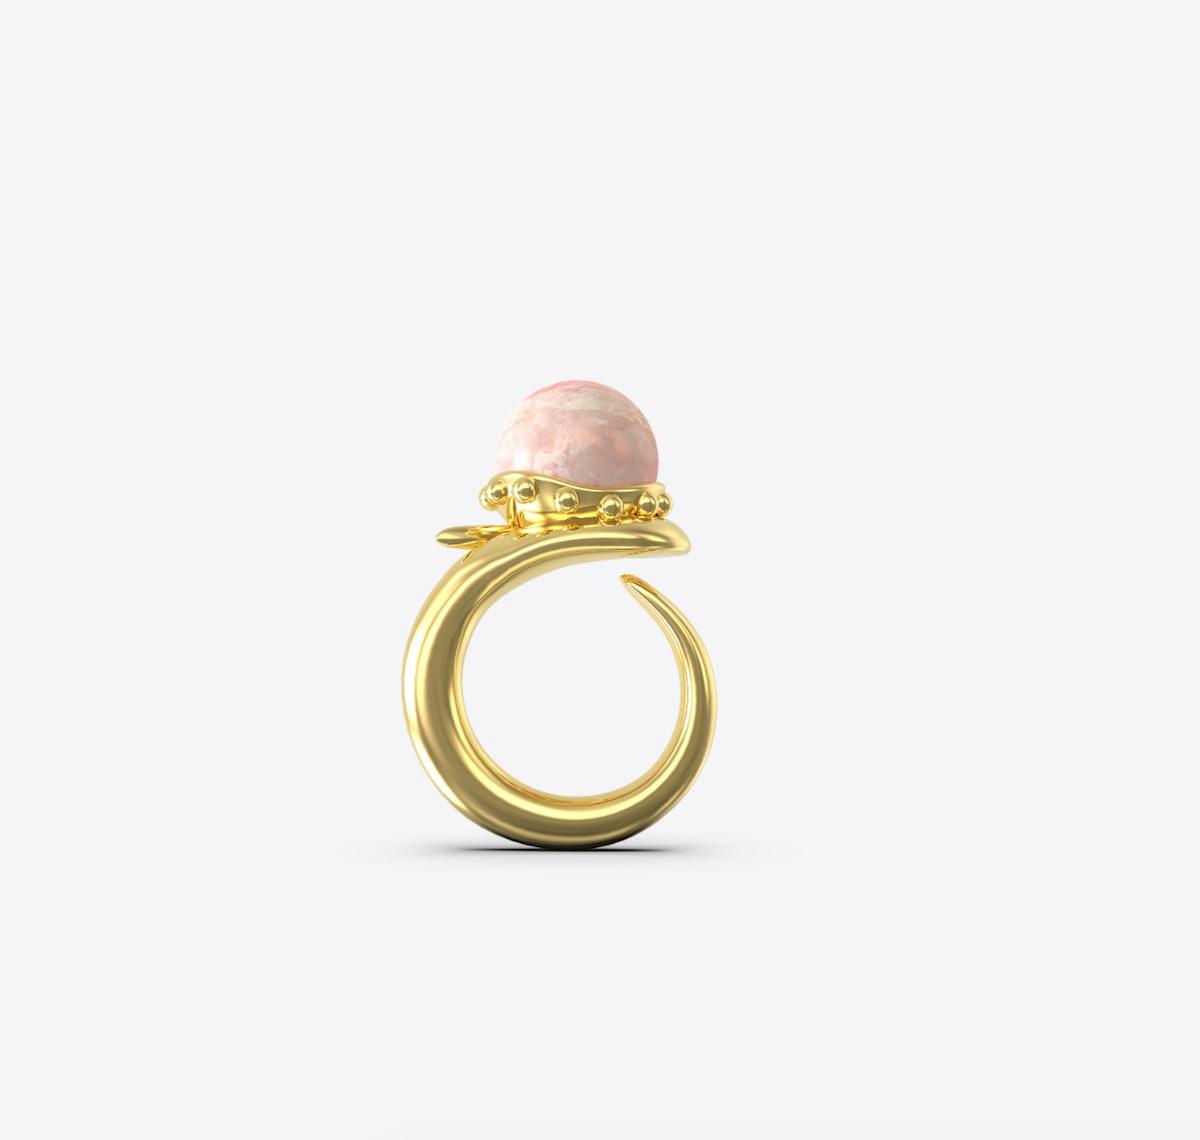 Orb Ring With Rose Quartz